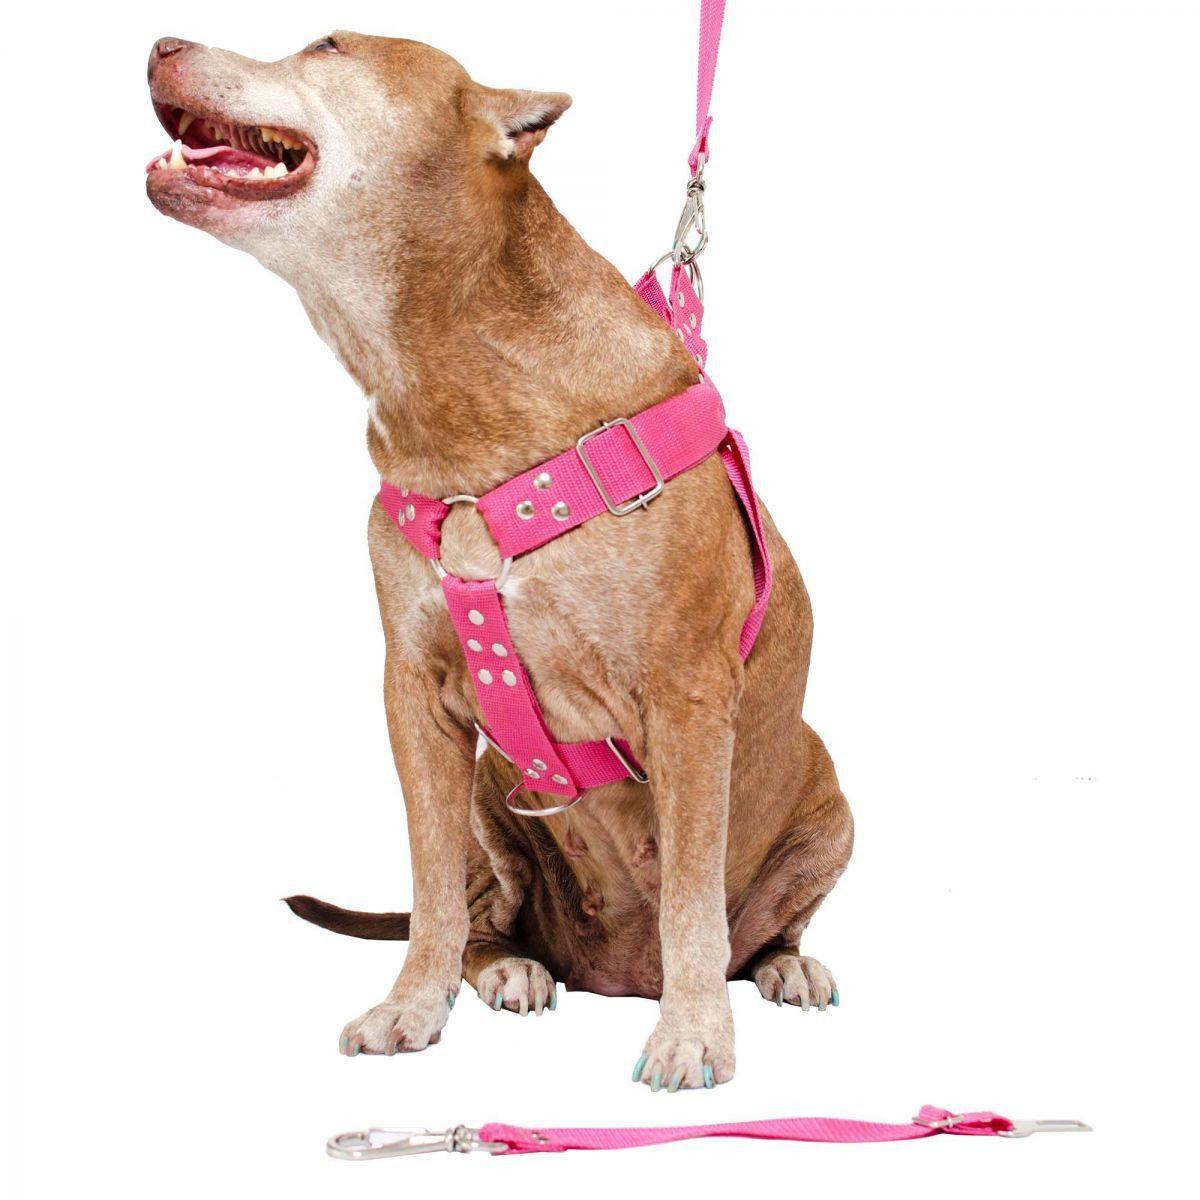 Coleira Peitoral Cachorro Guia Adaptador Cinto Segurança Tamanho G - Cor Rosa